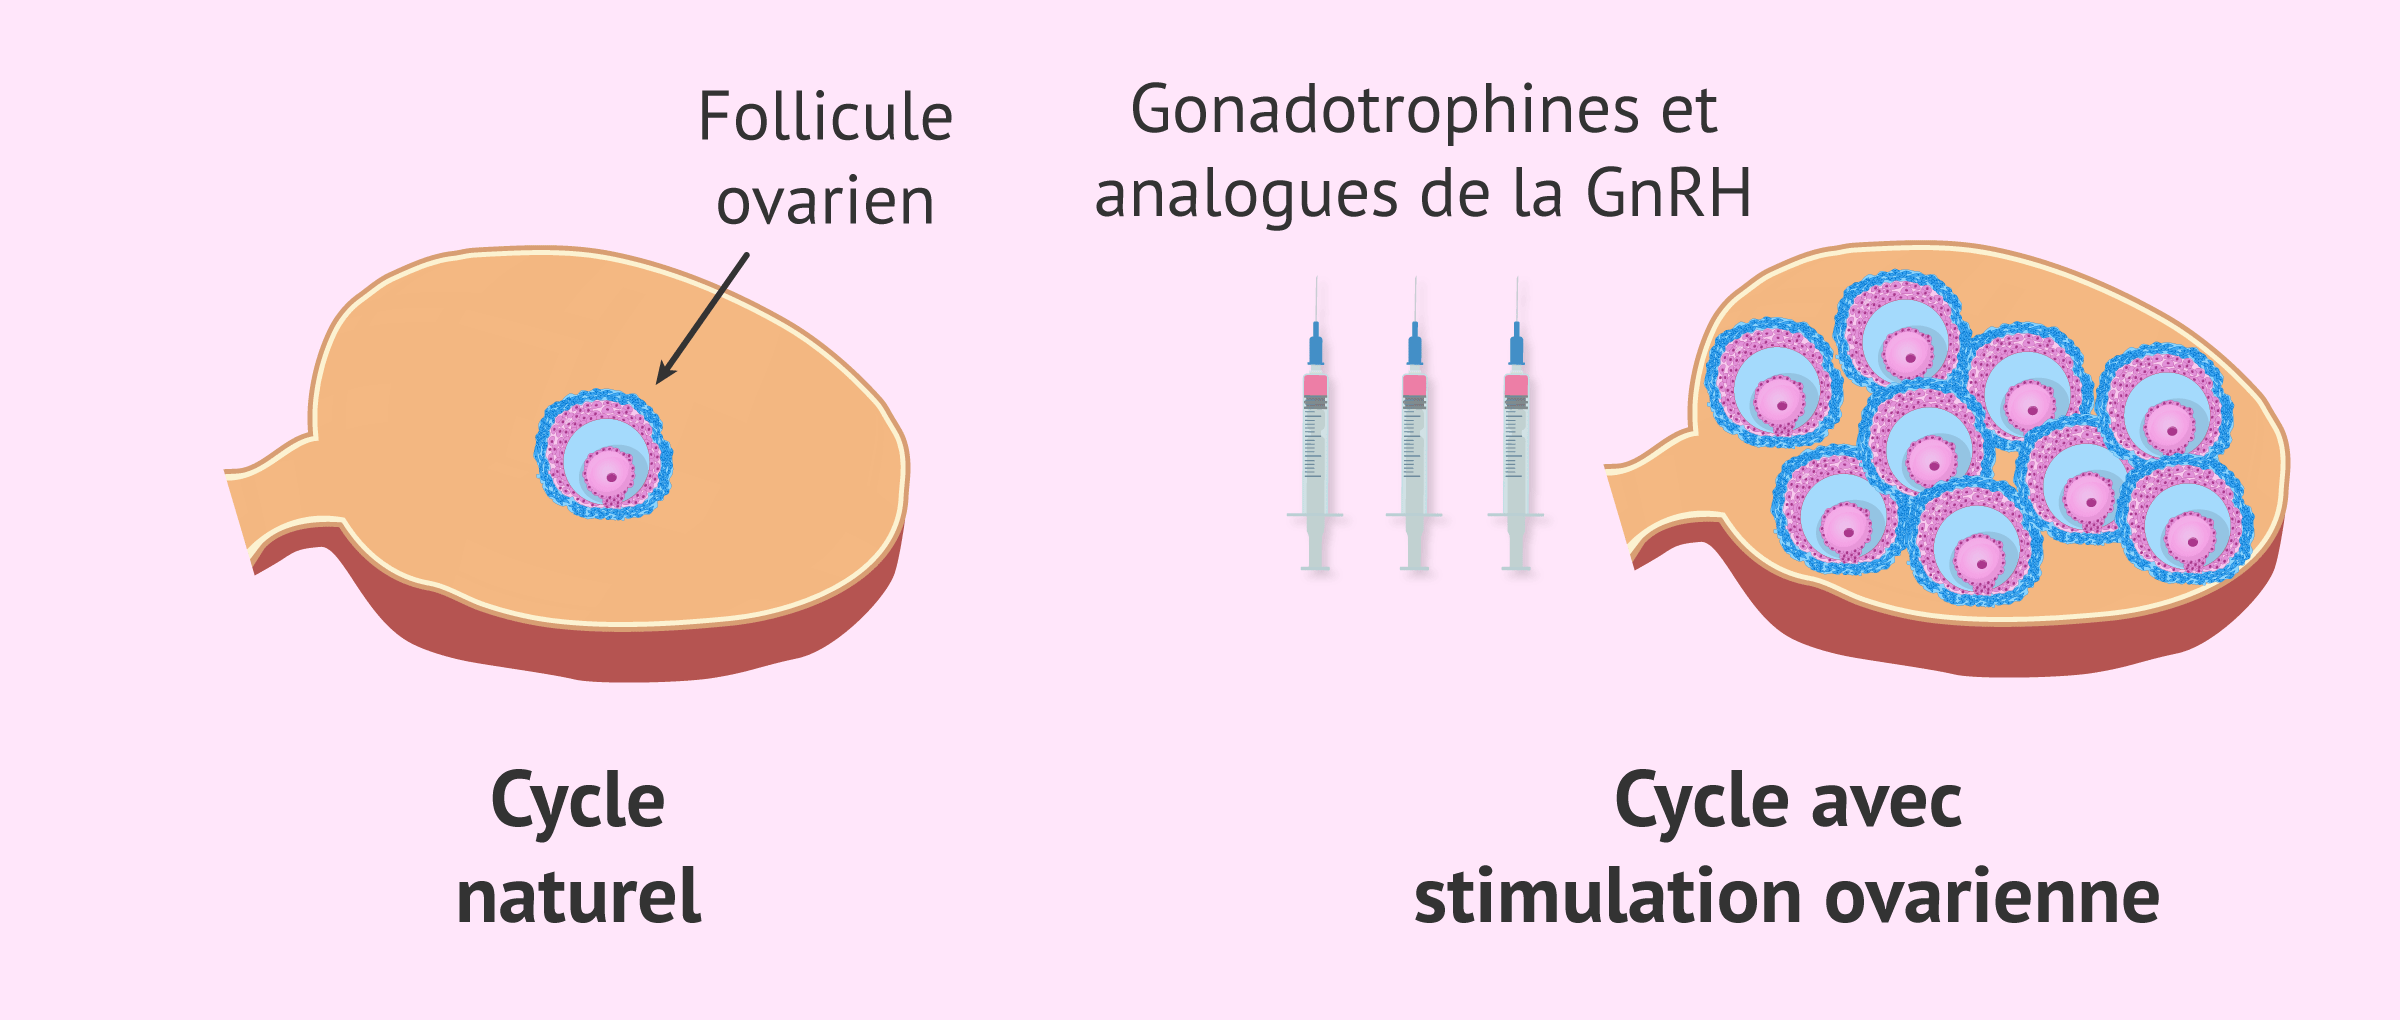 Imagen: Cycle naturel et cycle avec stimulation ovarienne contrôlée